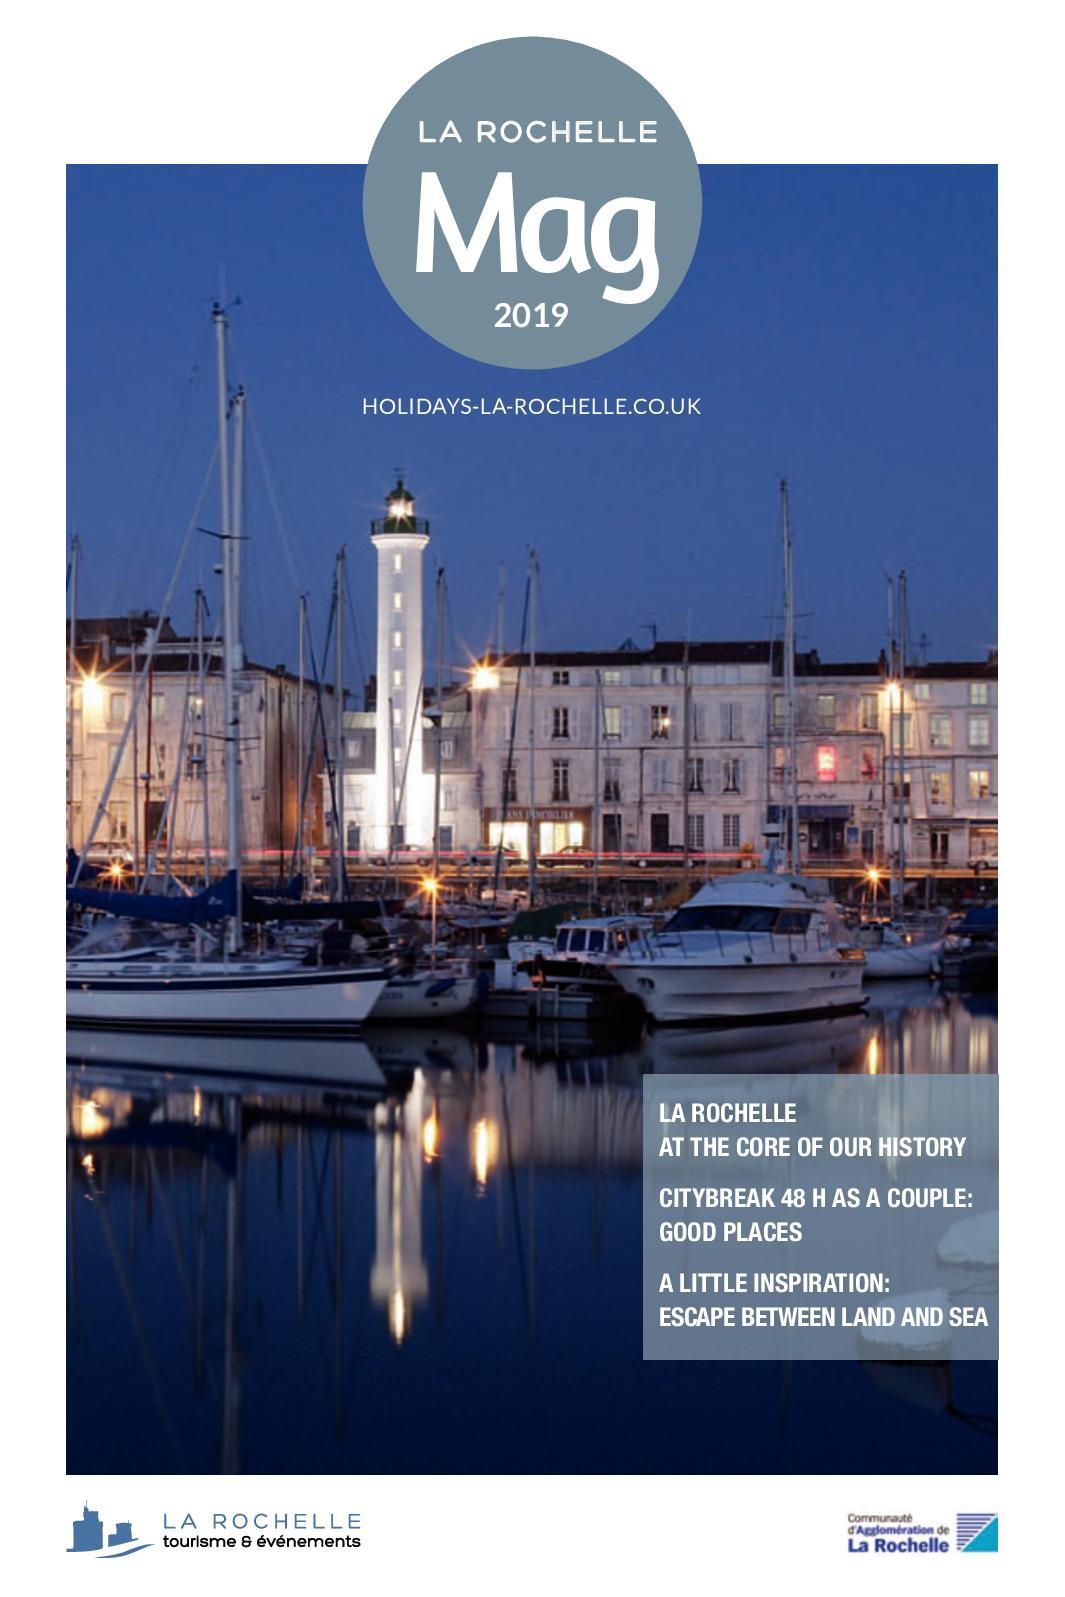 Salon De Jardin 6 Places Nouveau Calaméo La Rochelle City Guide 2019 Of 23 Génial Salon De Jardin 6 Places